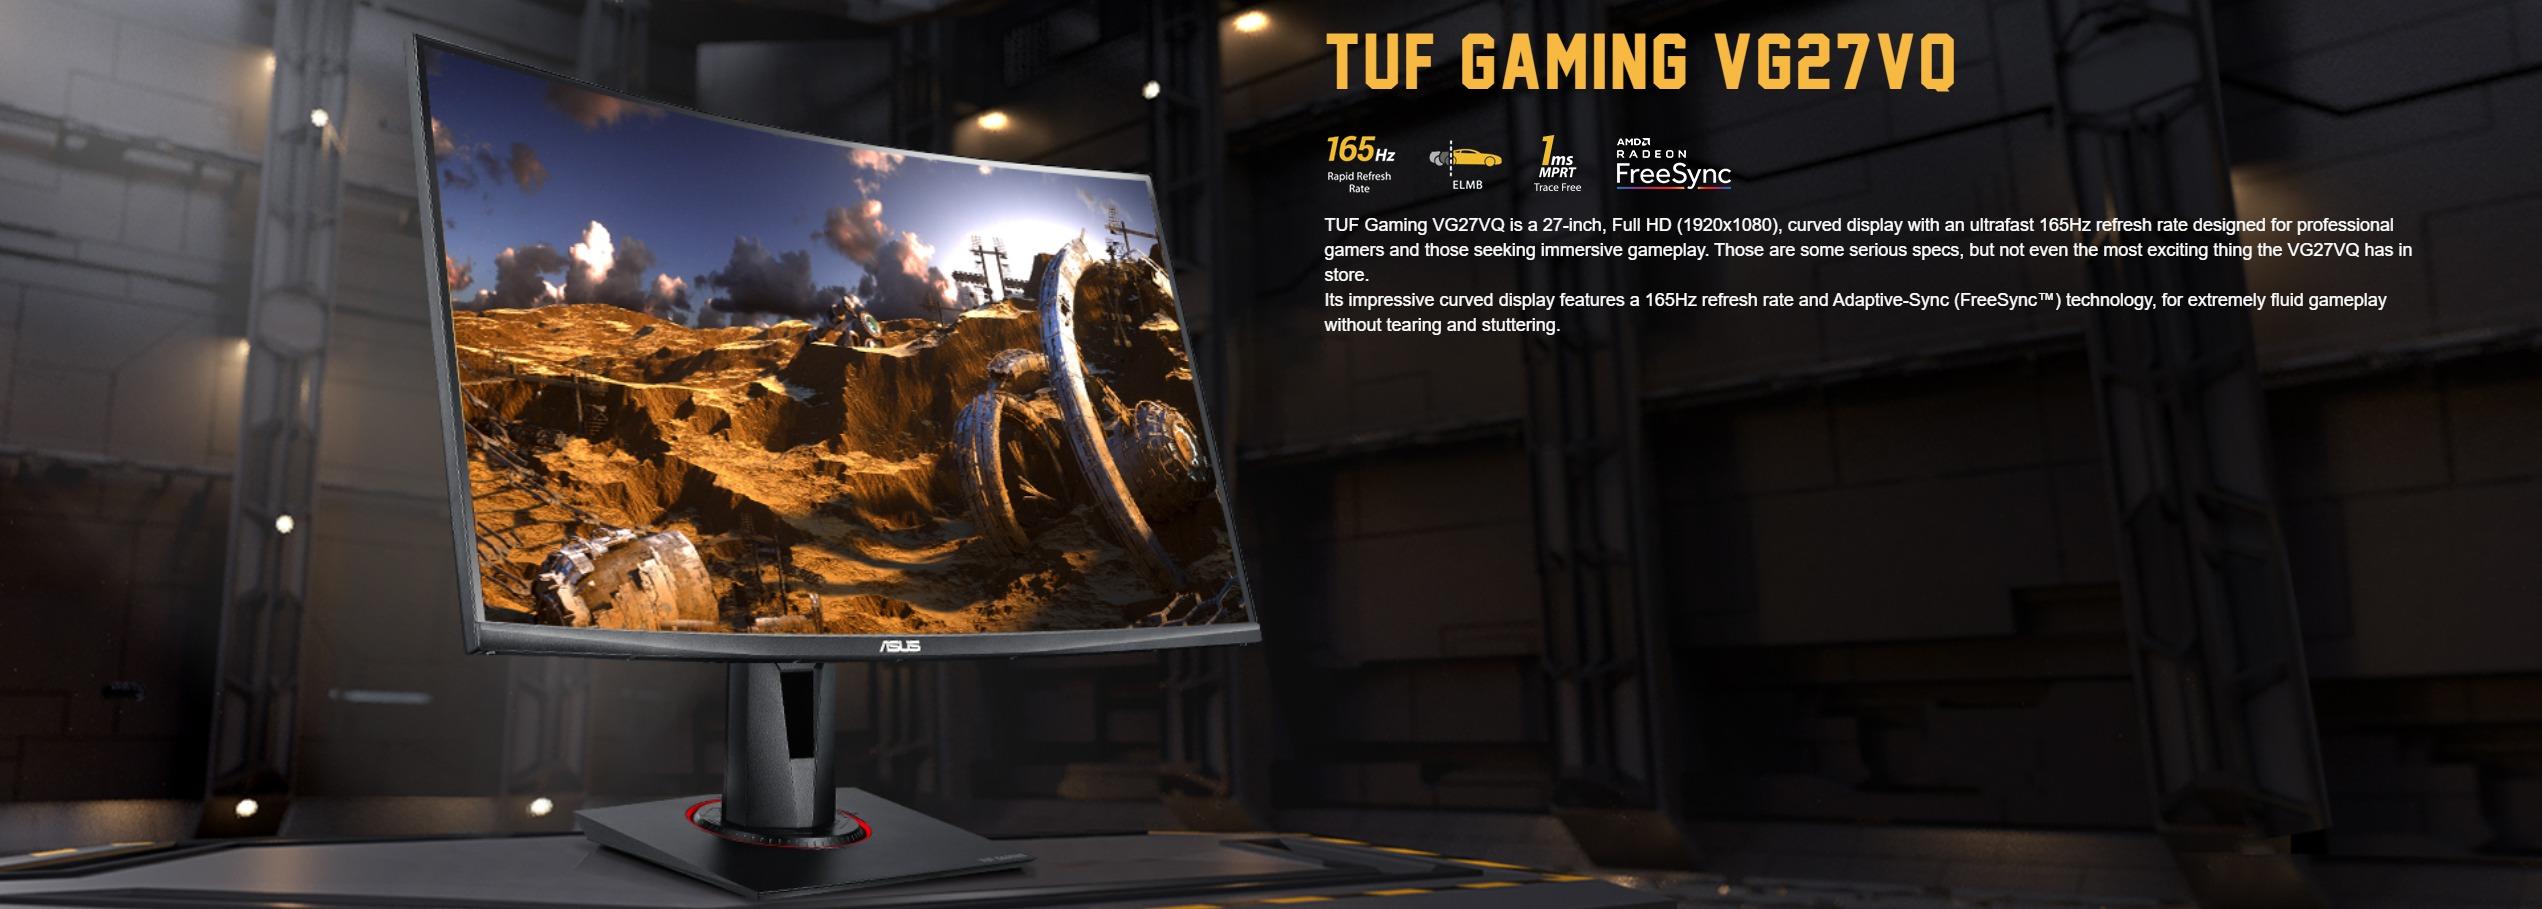 Màn hình ASUS TUF Gaming VG27VQ 165hz